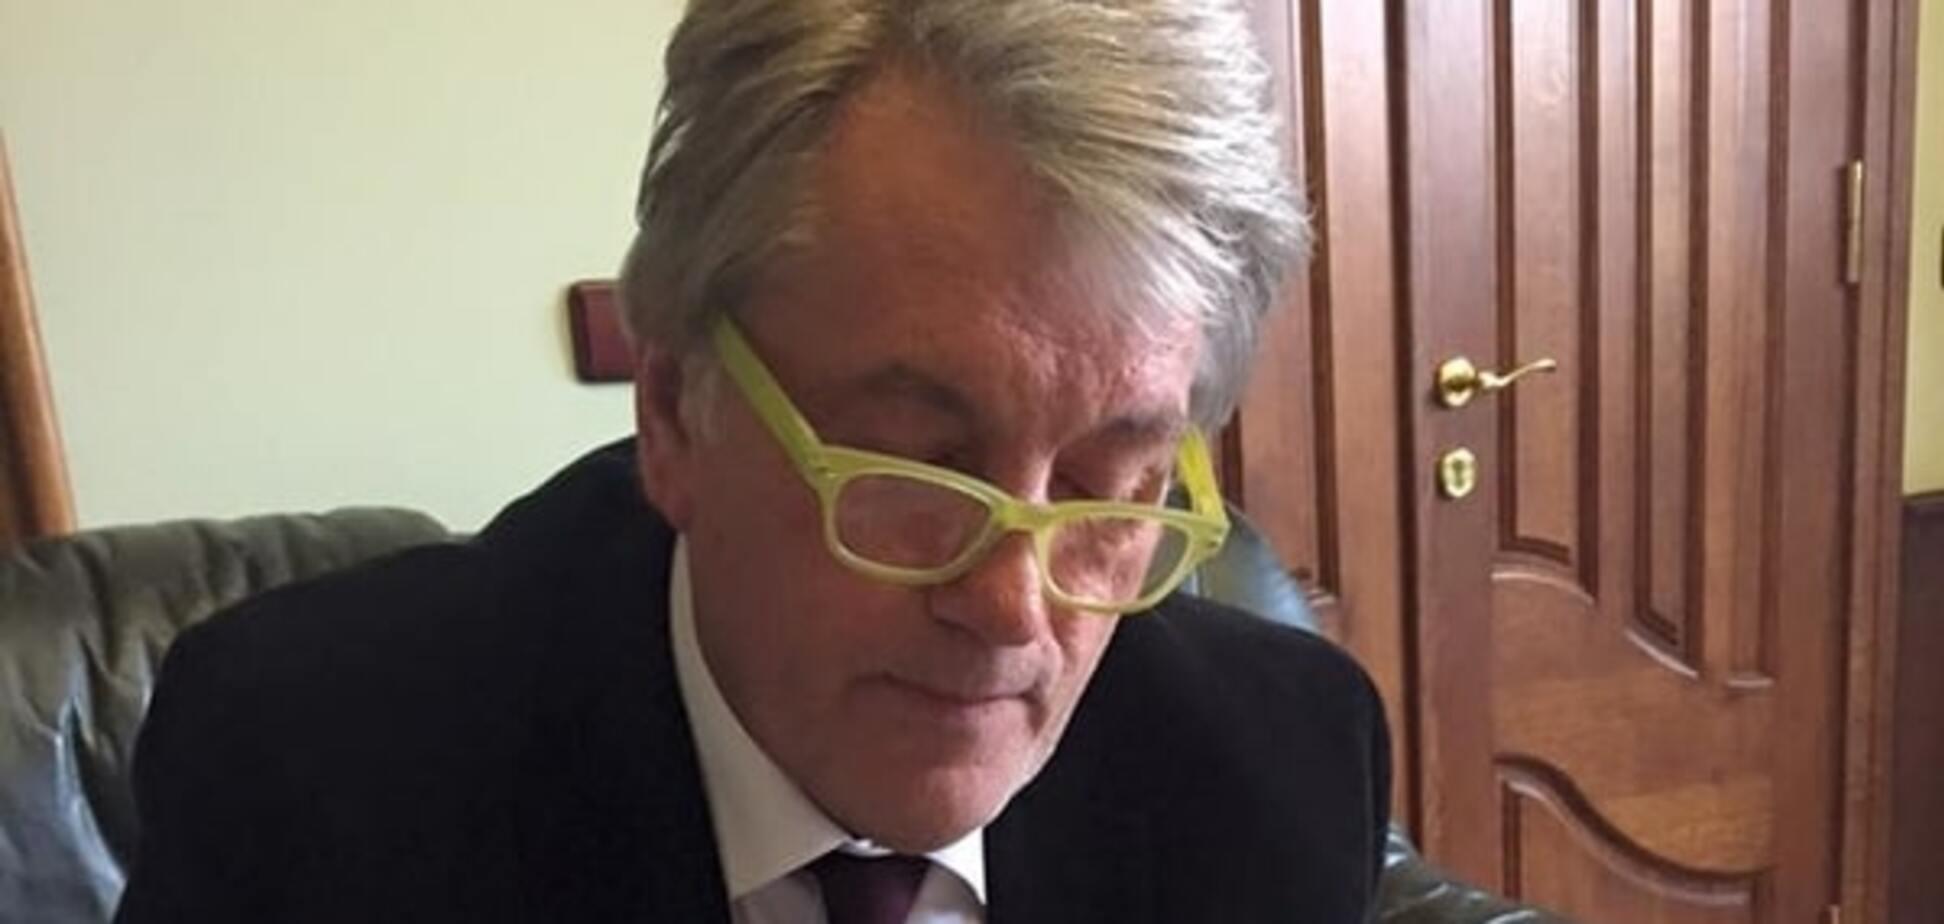 Модний Ющенко з'явився у жовтих хіпстерських окулярах